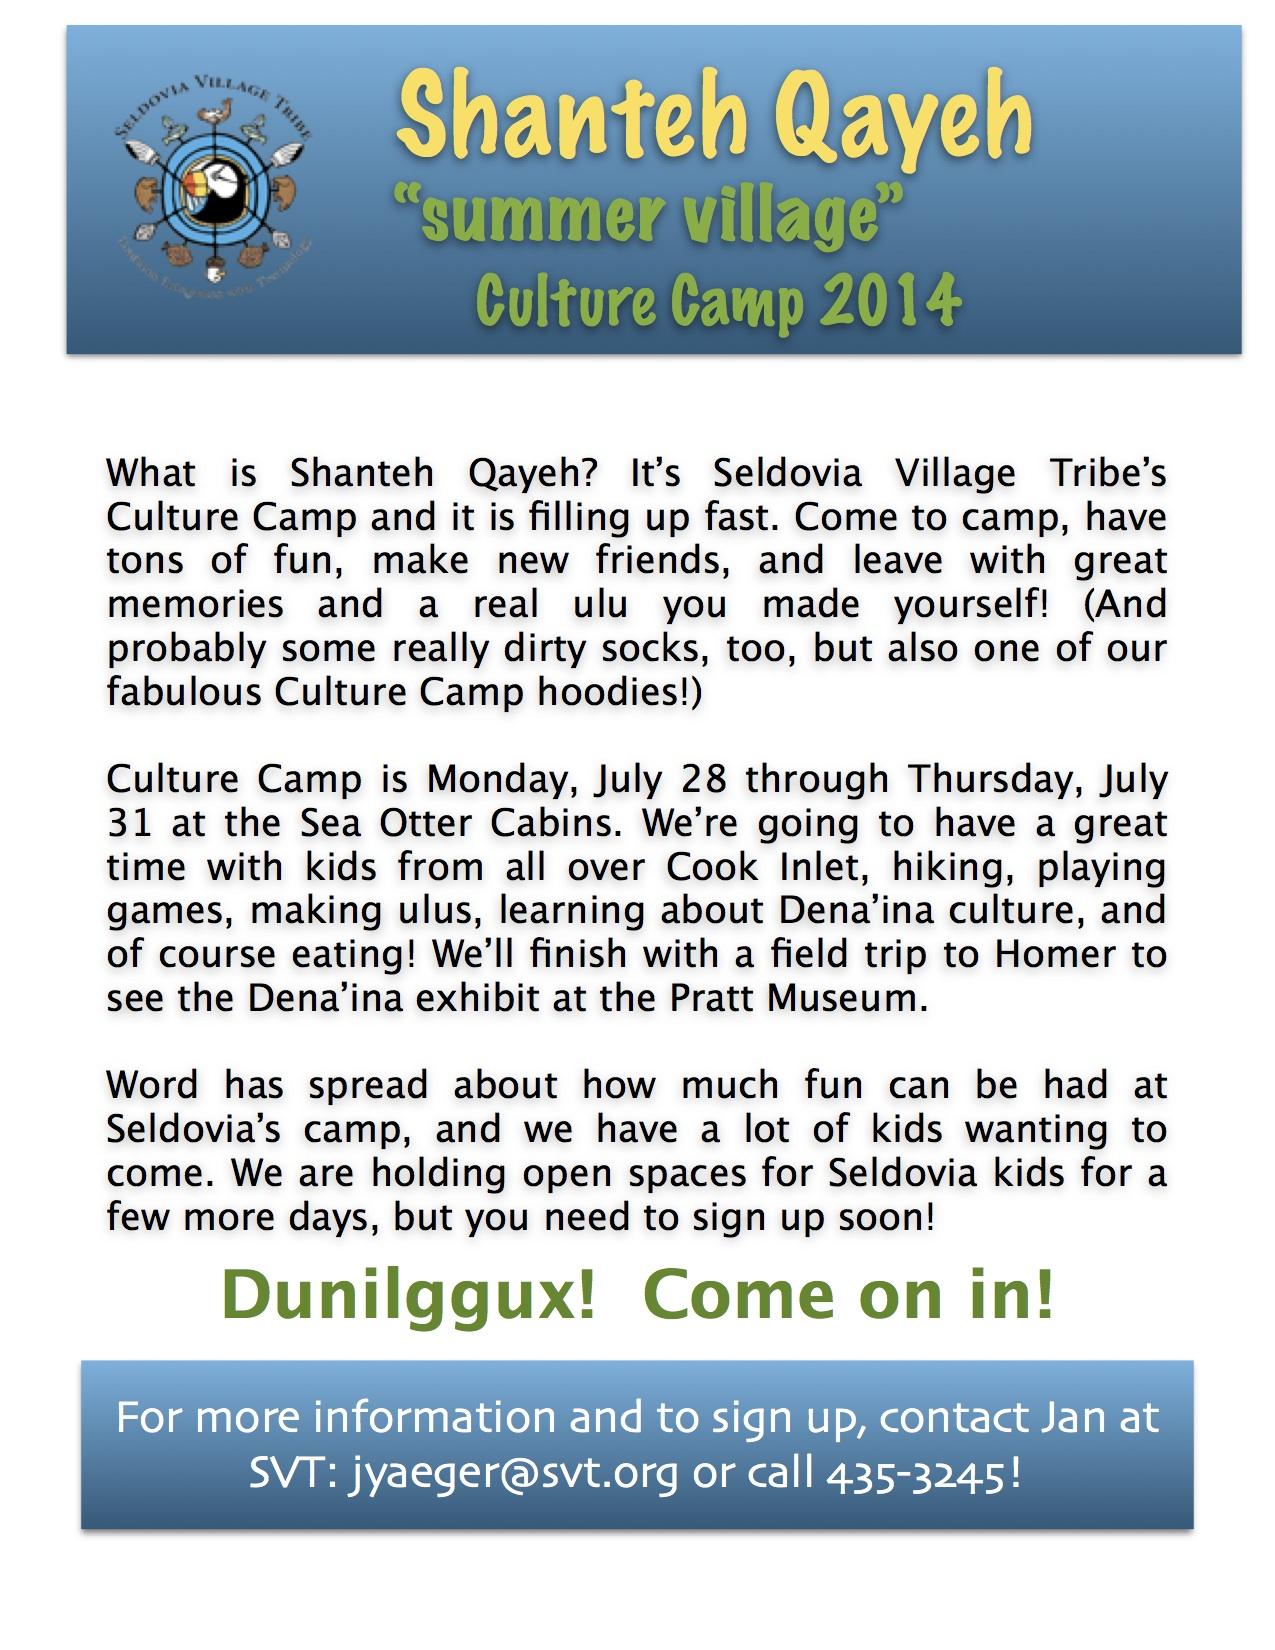 Culture Camp Gazette article